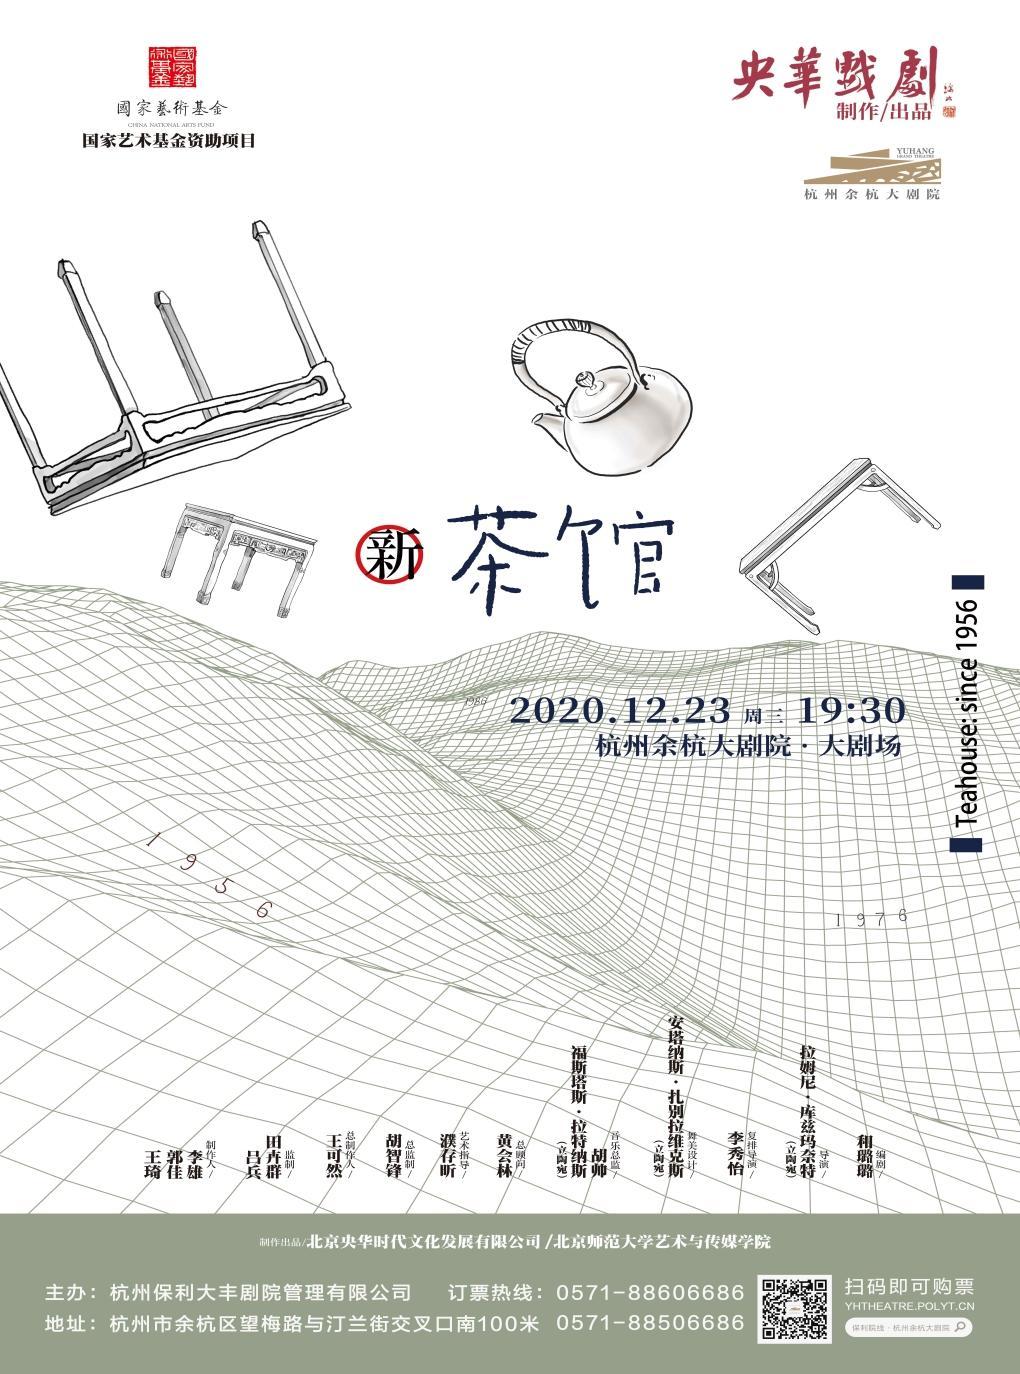 濮存昕艺术指导·老舍话剧新编《新茶馆》